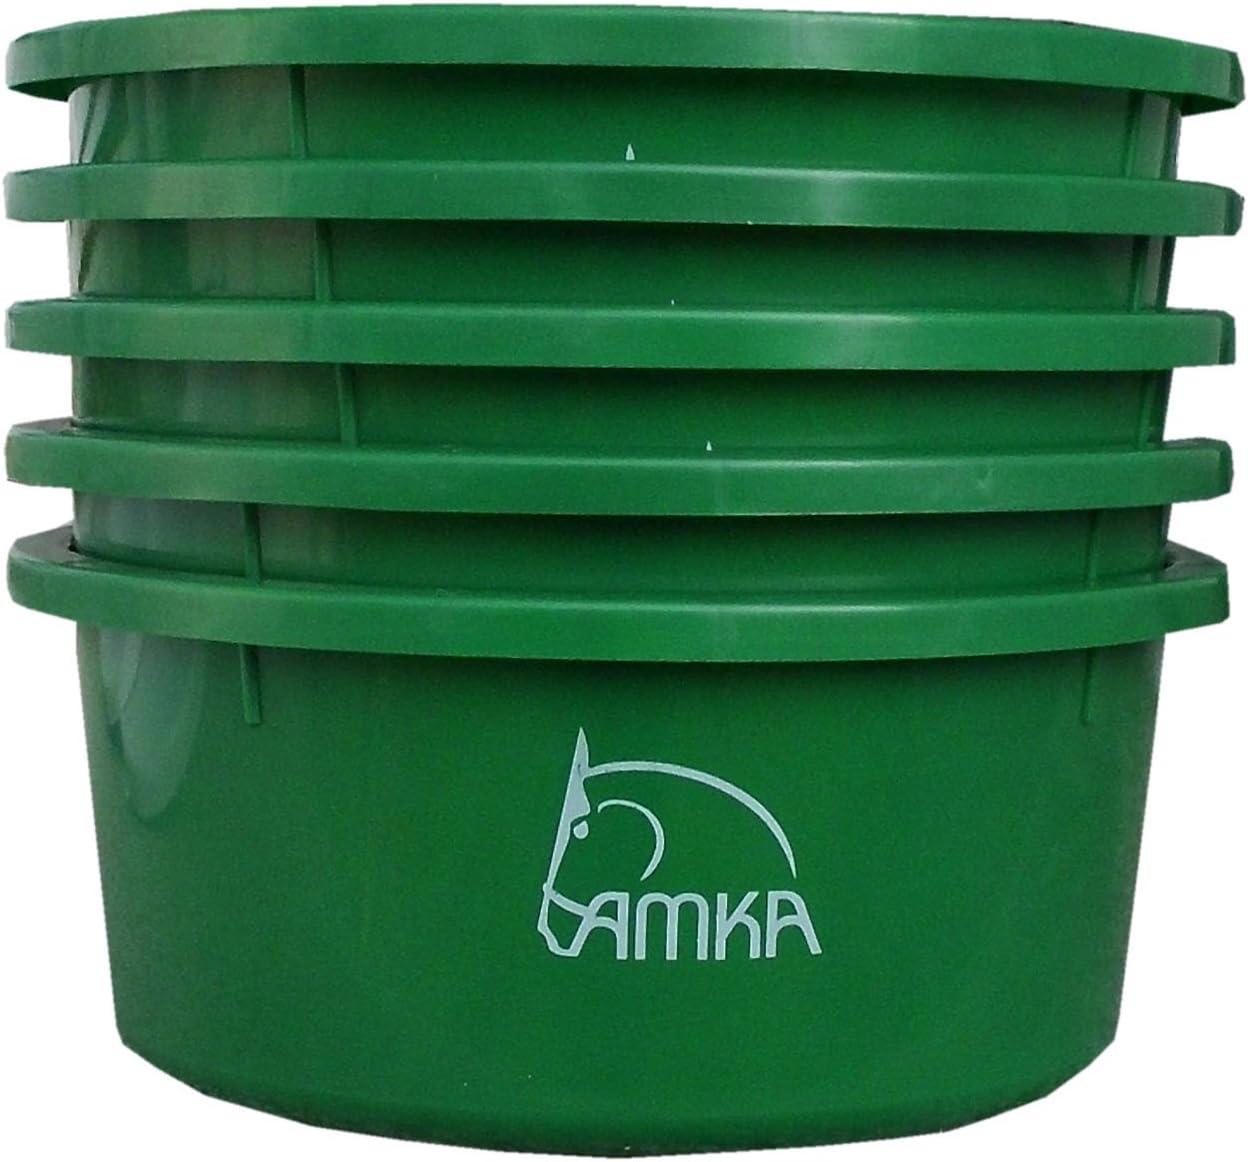 Reitsport Amesbichler AMKA - Juego de 5 cuencos para cereales, 2 L, sin tapa para comedero, cuenco para agua, para caballos, perros, animales, color: verde